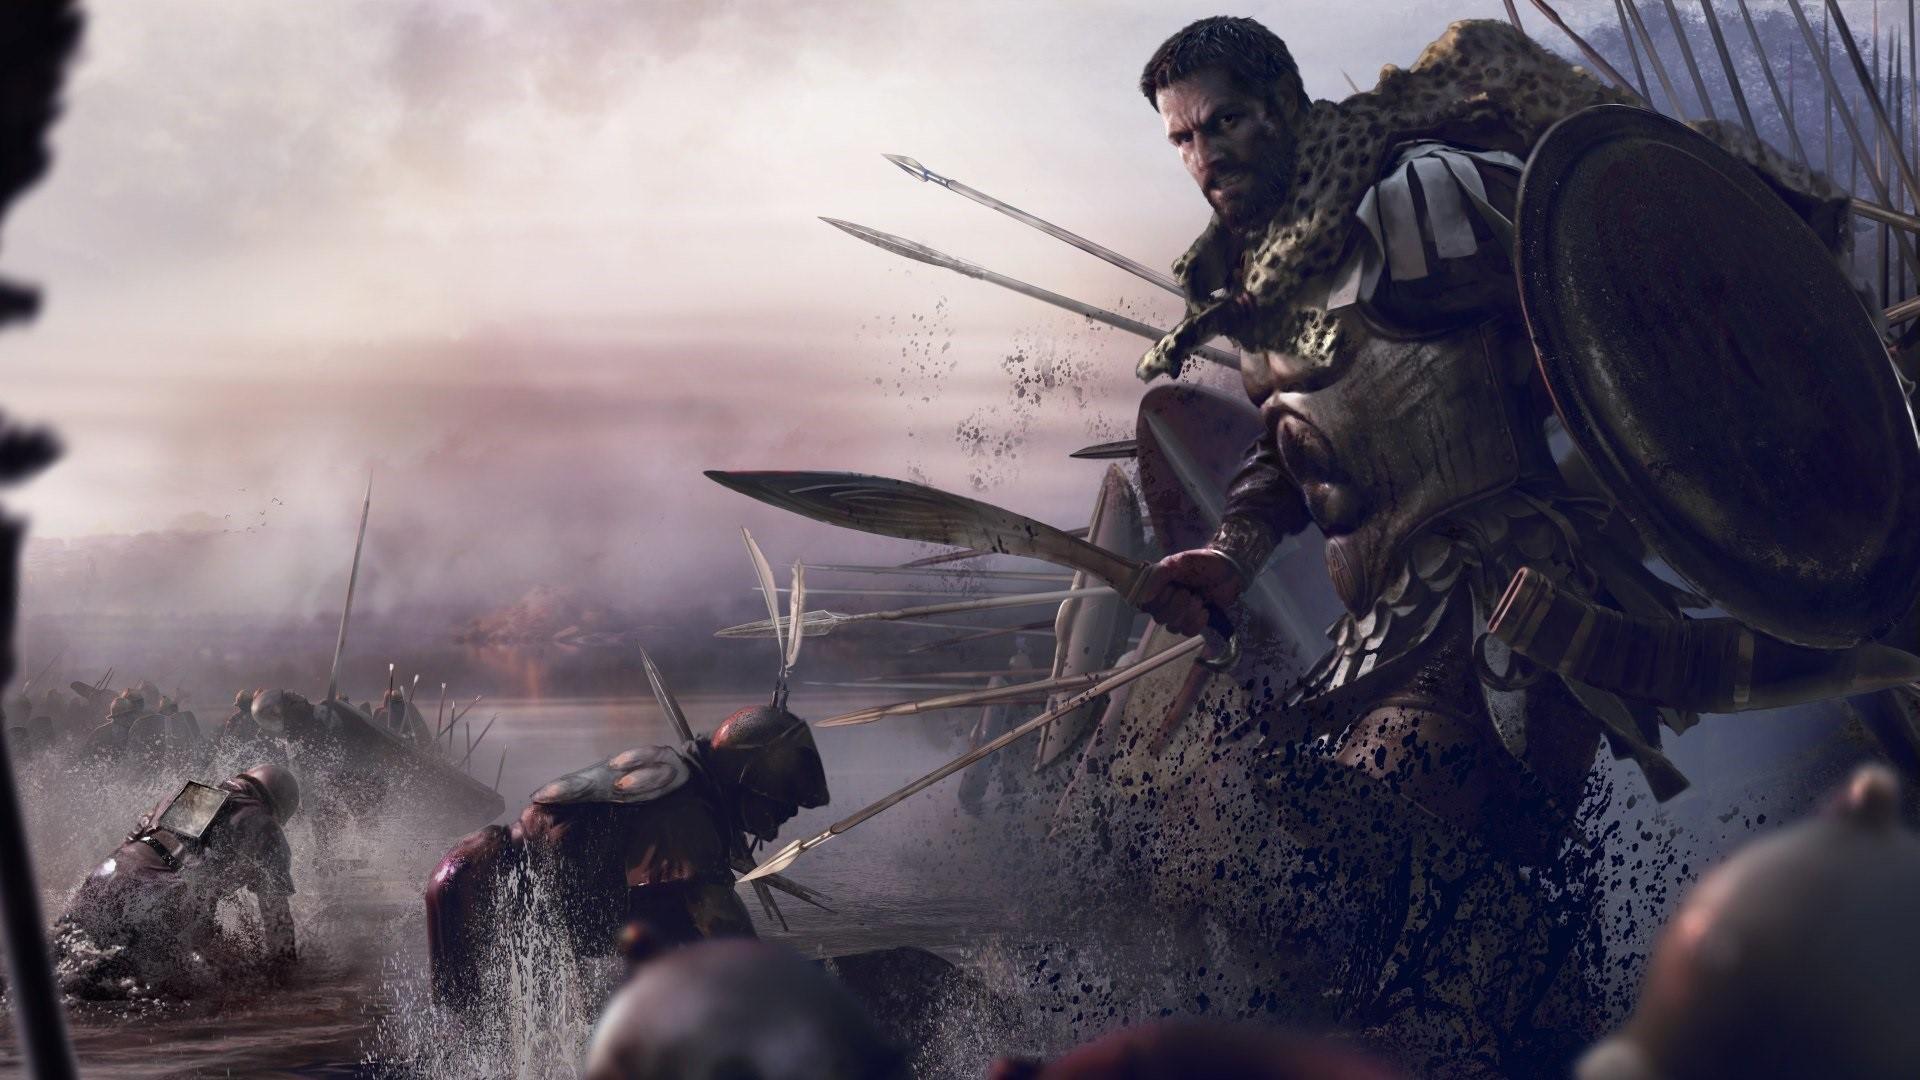 Ikonická strategie Total War: Rome II se dočká nové kompletní edice